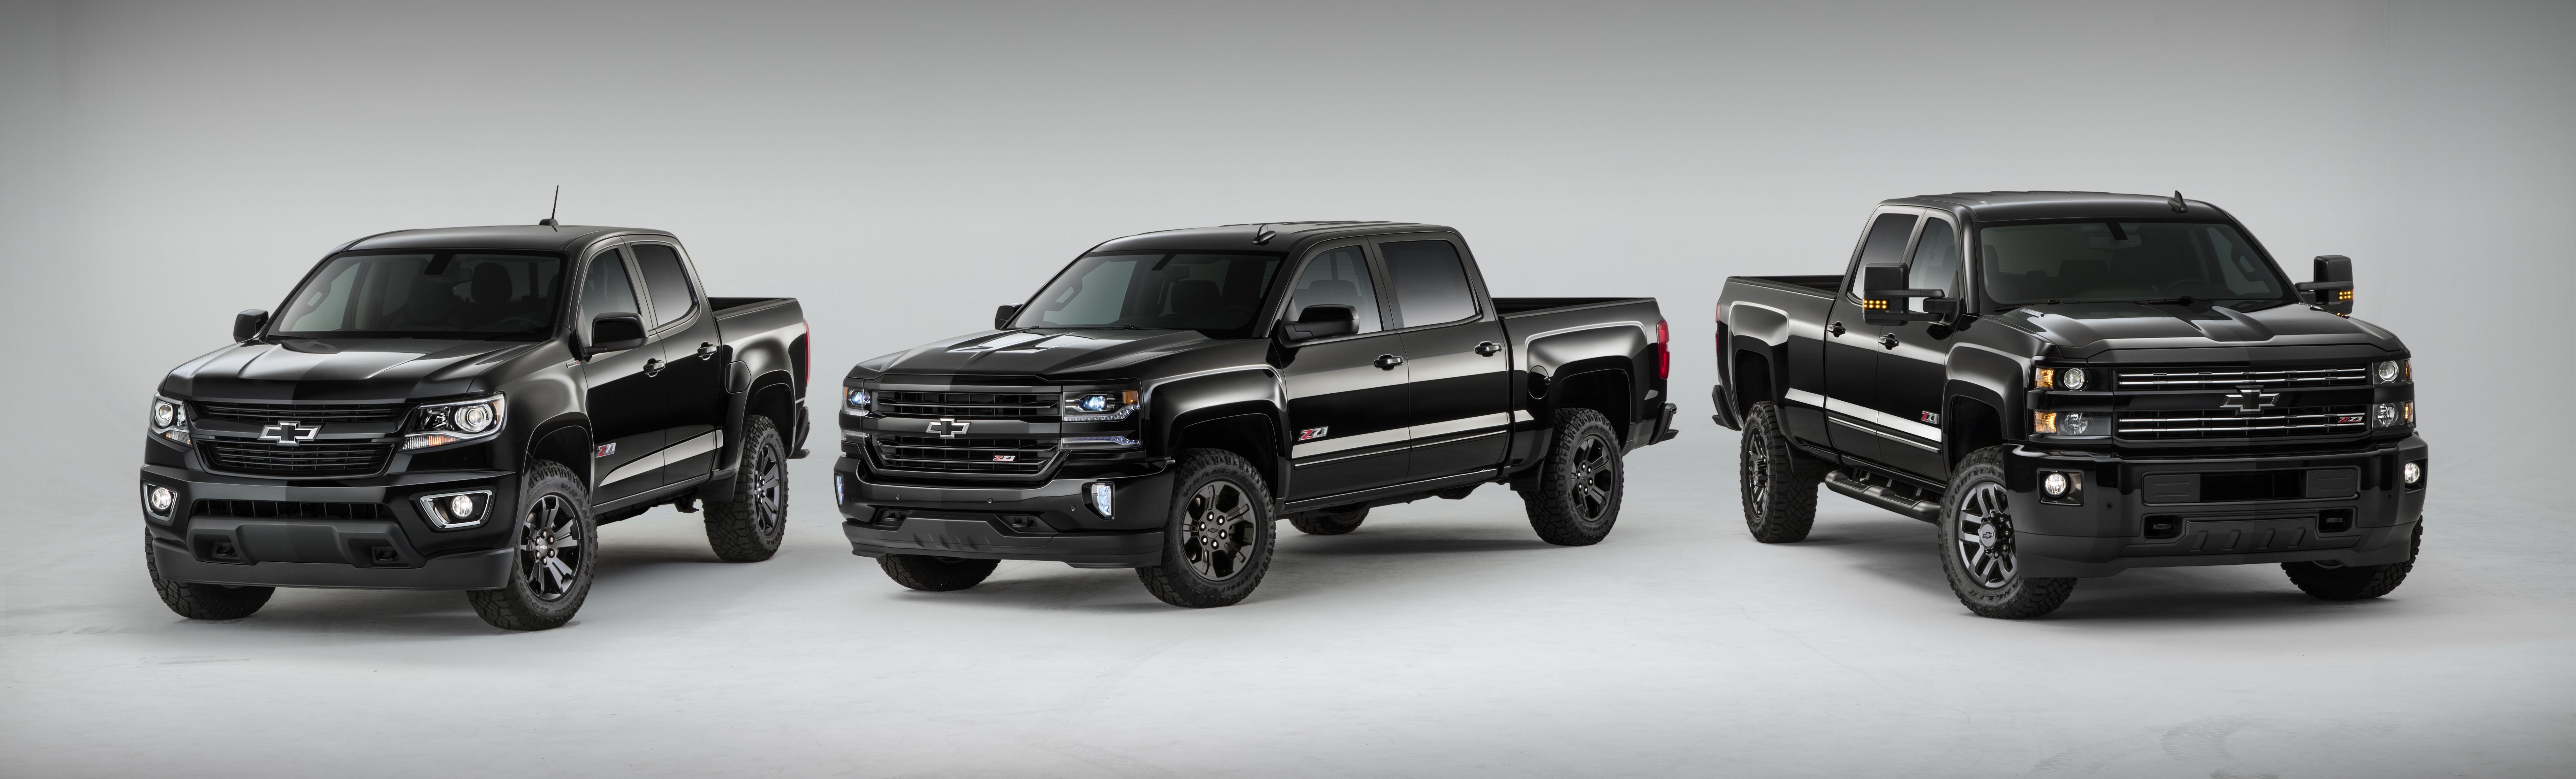 Chevrolet Trucks Back in Black for 2016